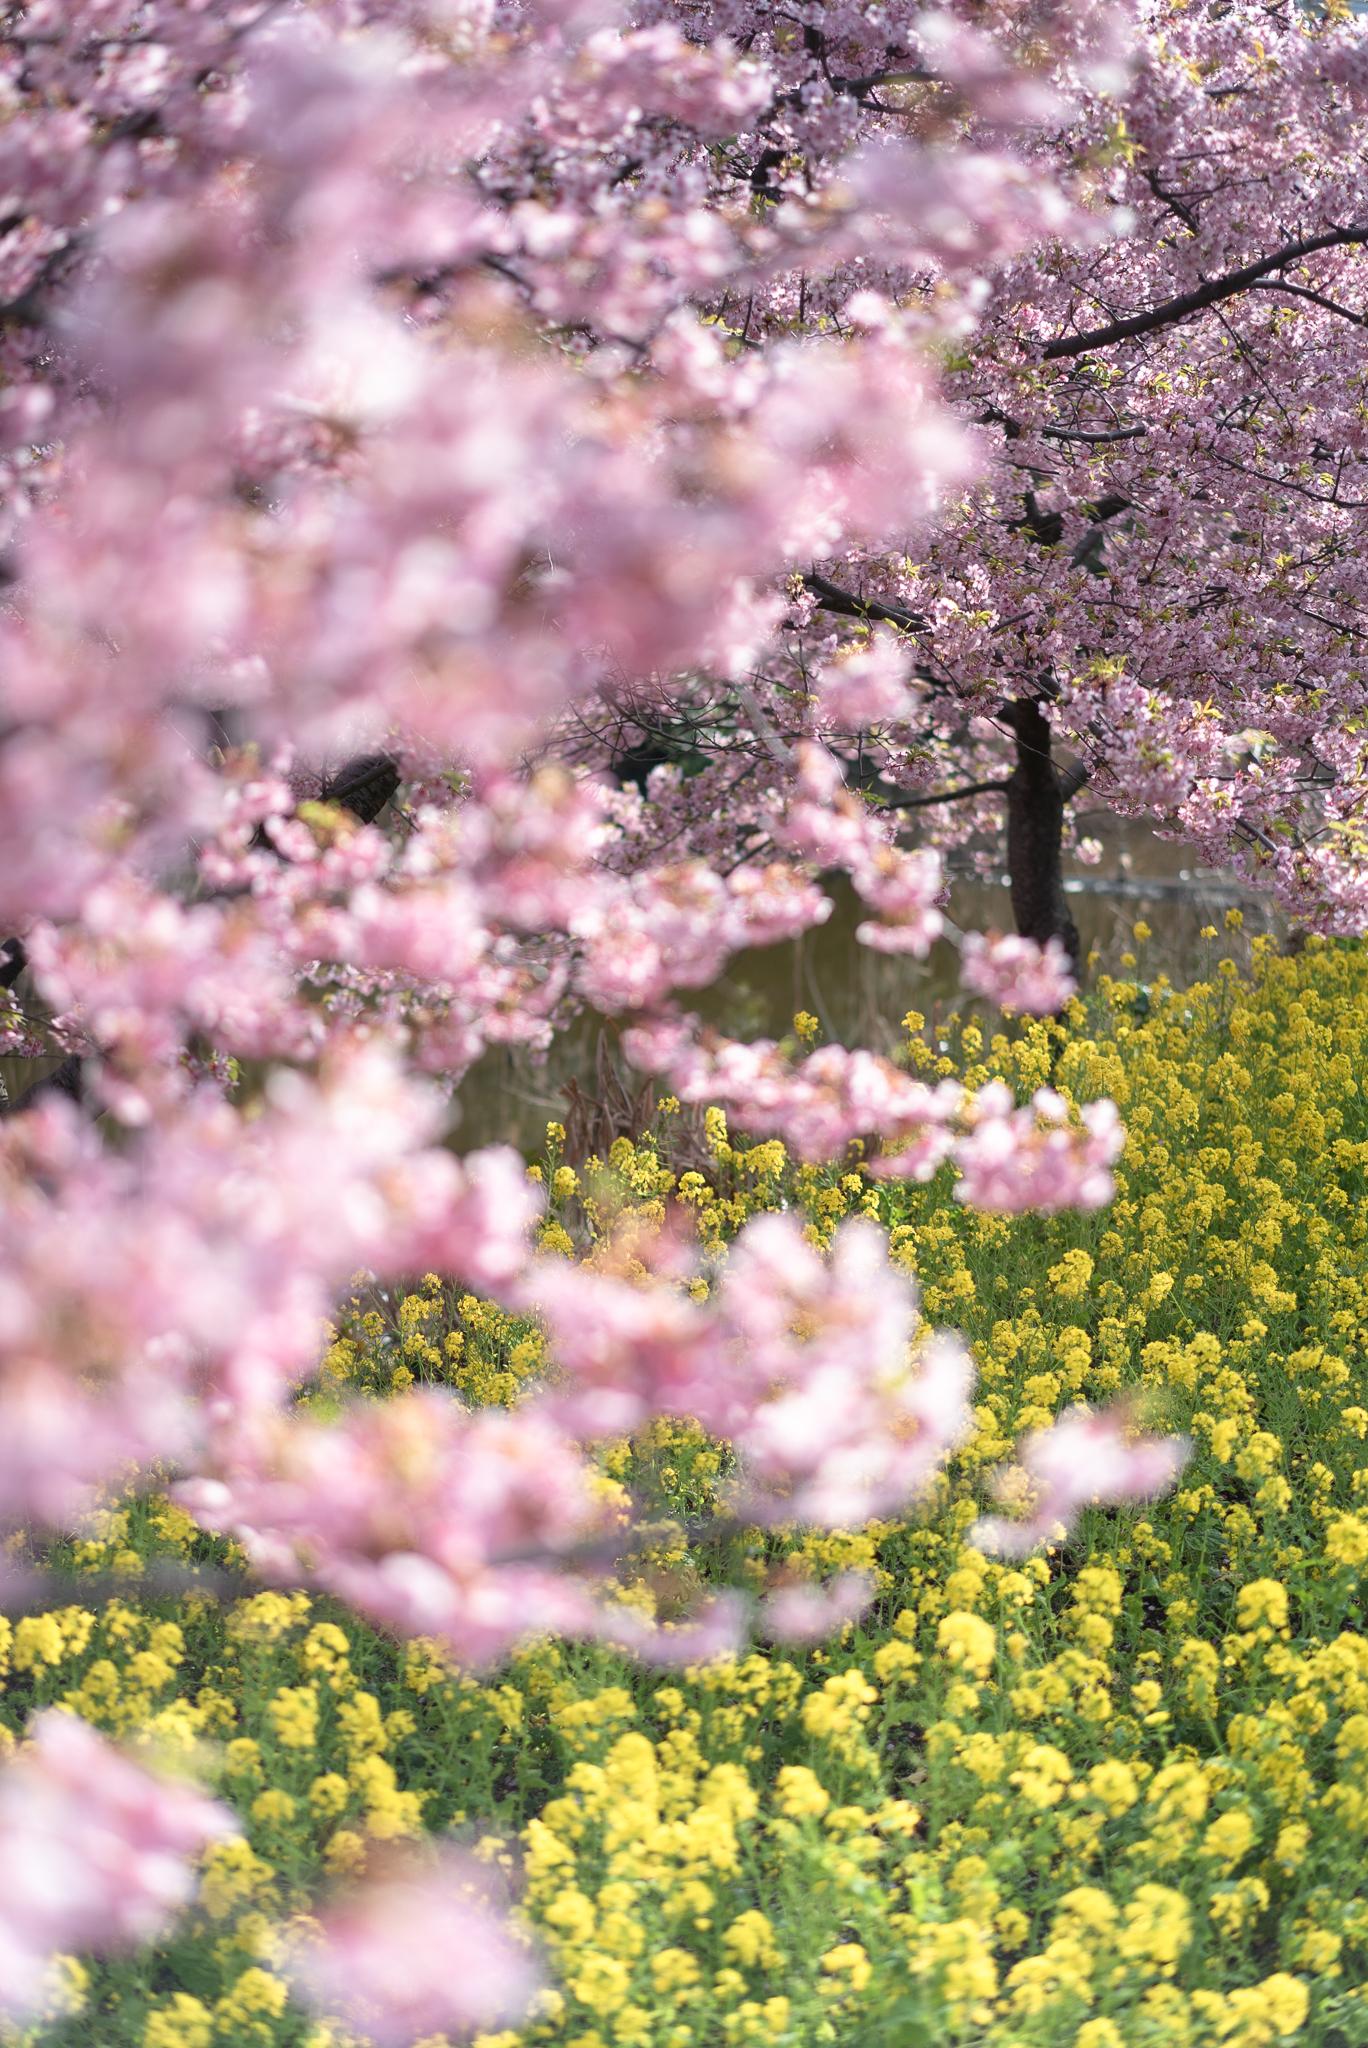 菜の花と河津桜 行徳野鳥観察舎にて 2020年3月3日撮影